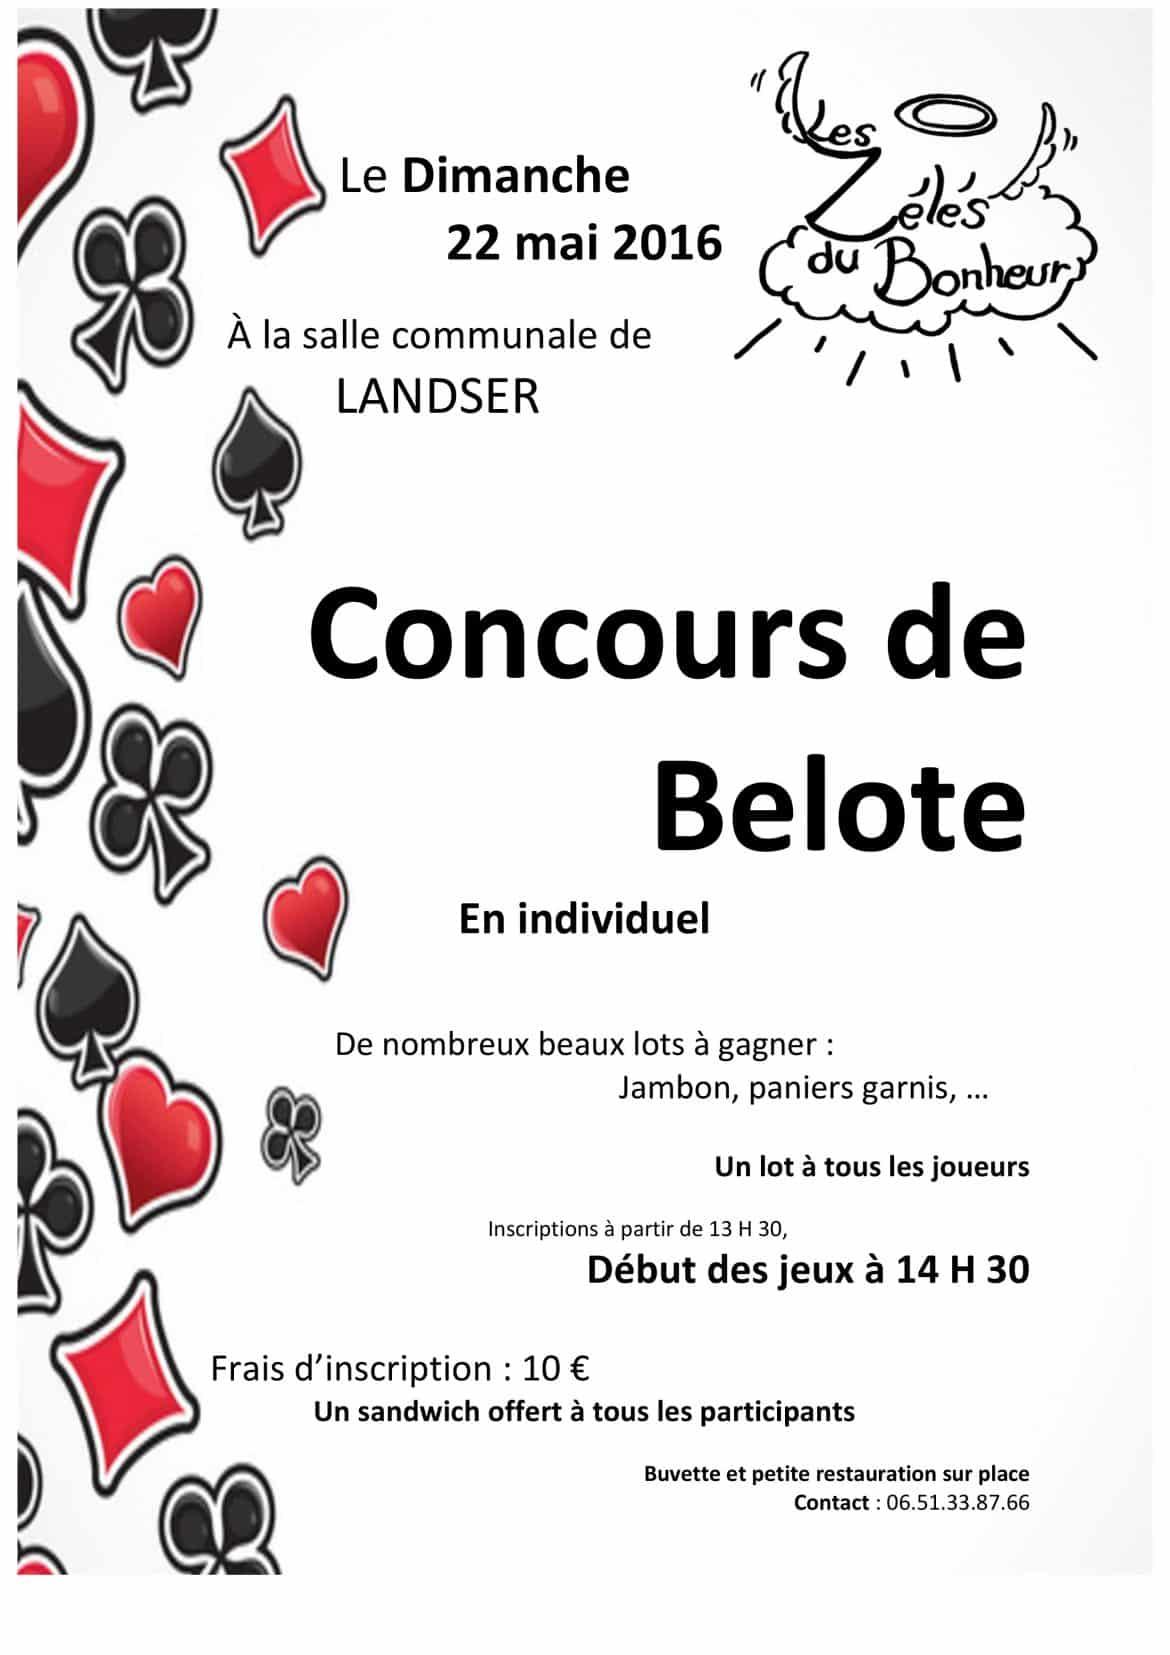 Affiche du Tournoi de belote le 22 mai 2016 à Landser - Haut Rhin